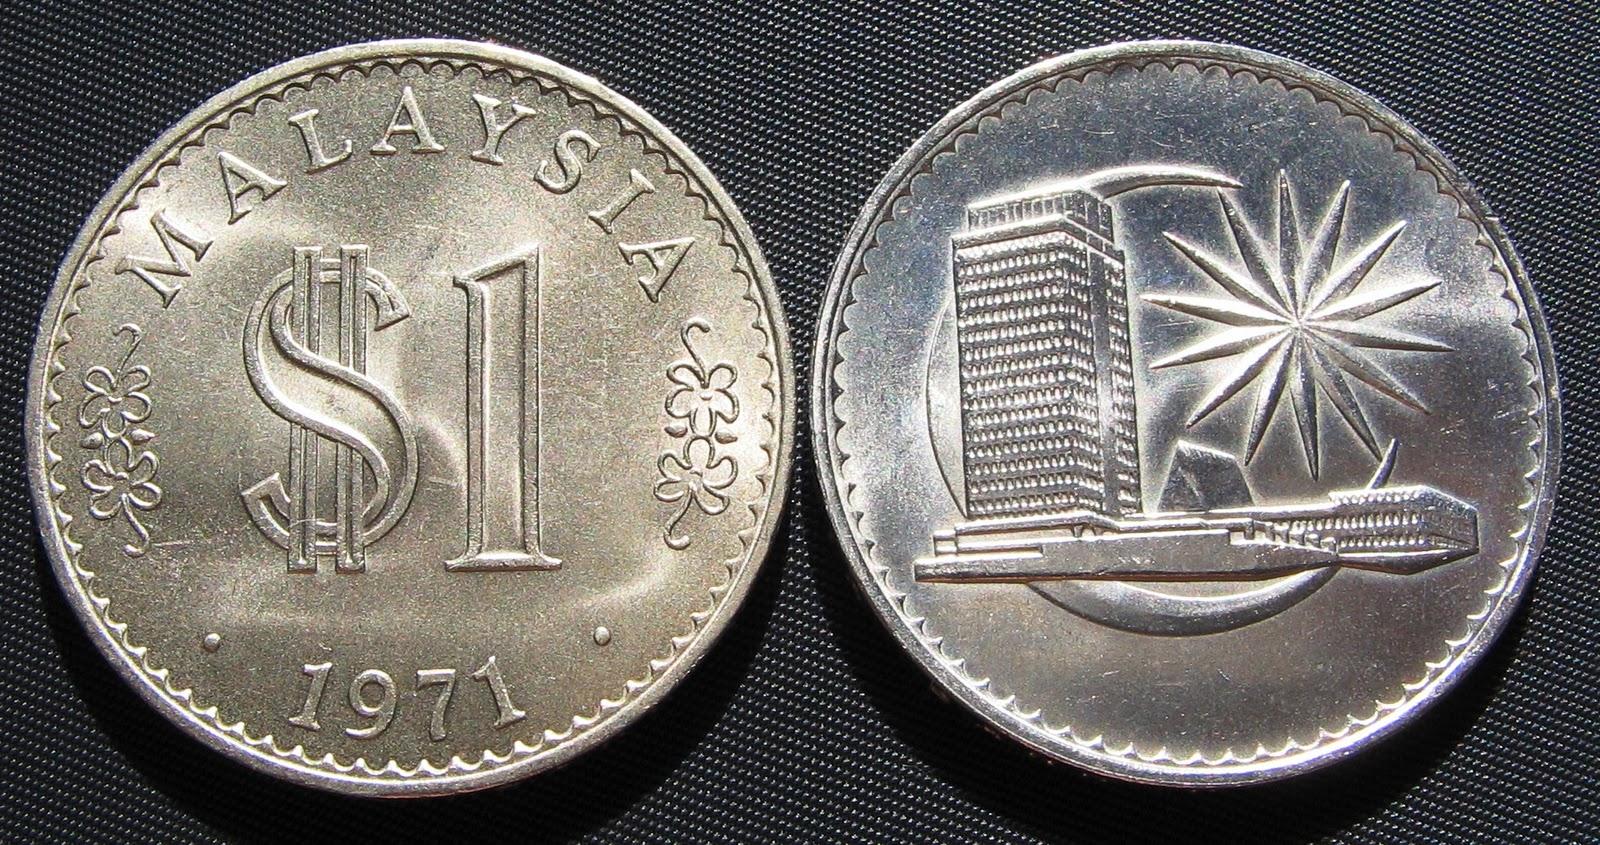 Error Coin Values